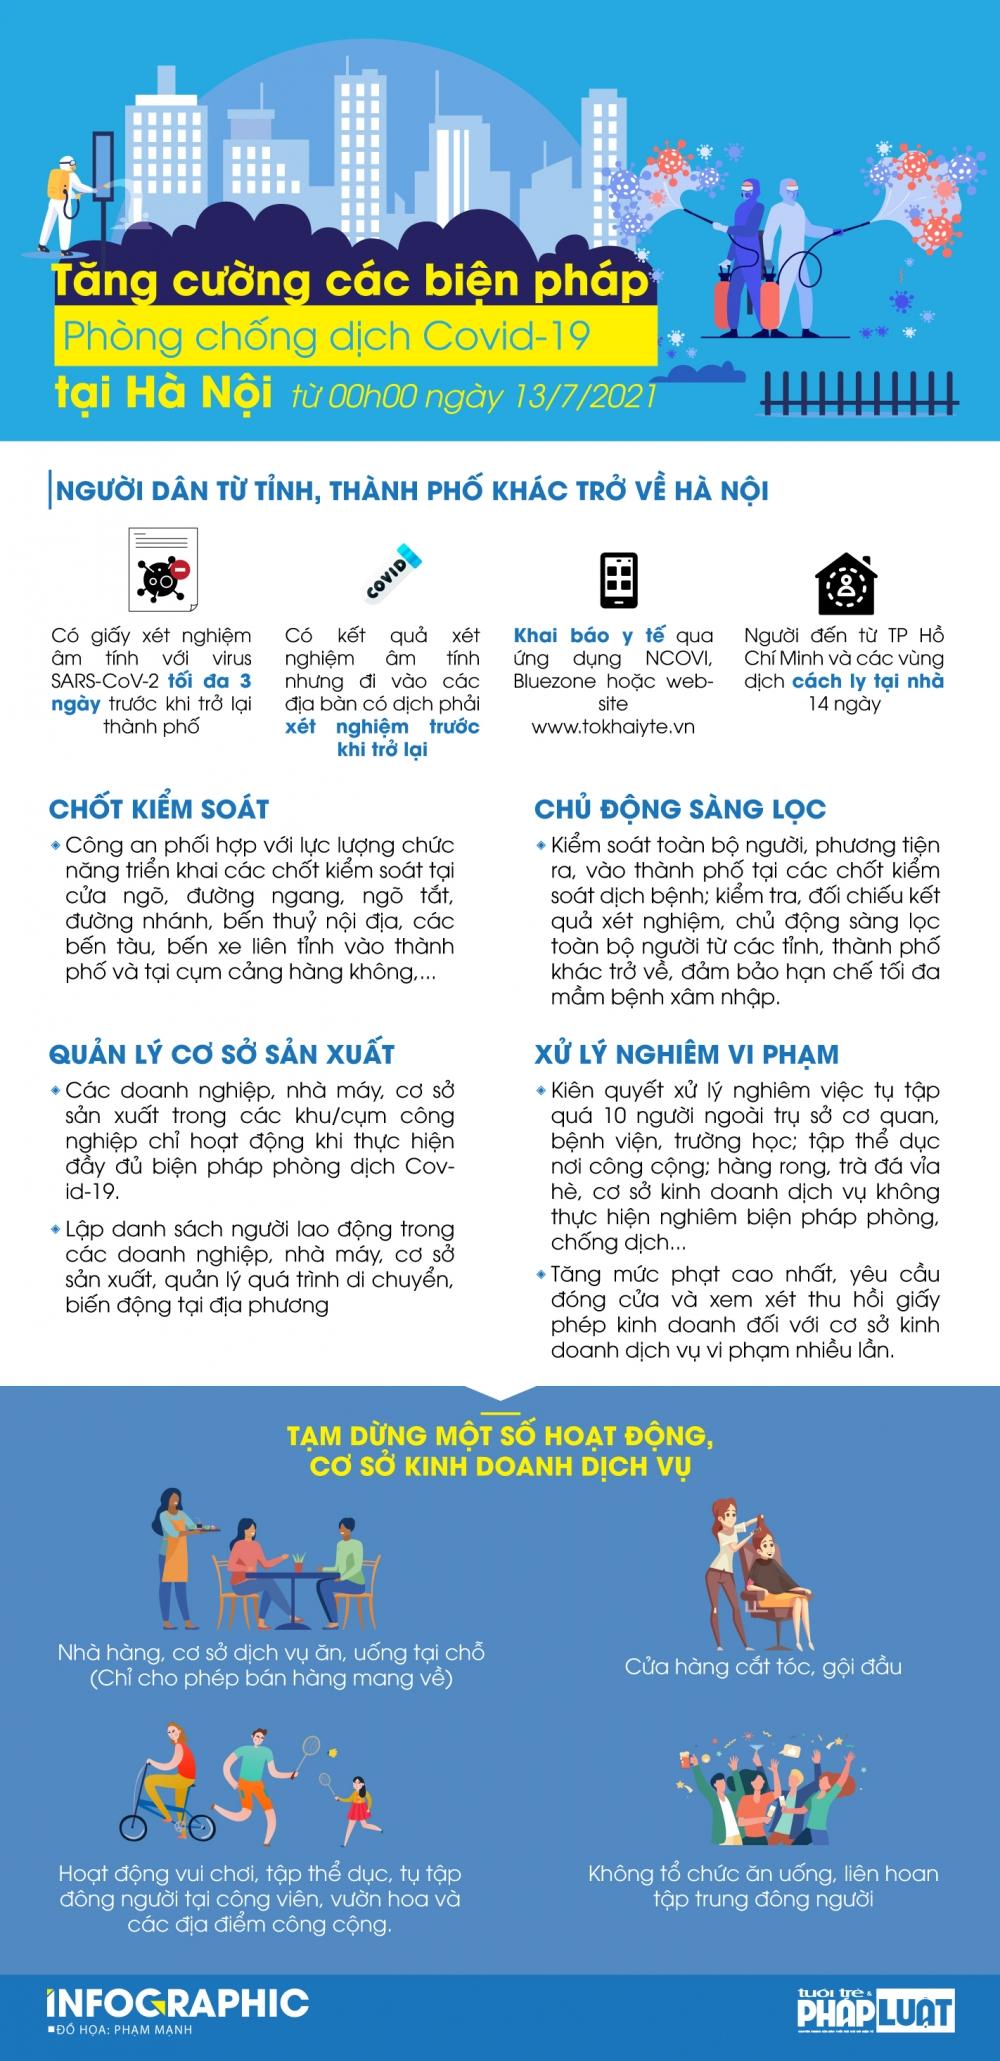 Hà Nội: Những biện pháp phòng dịch Covid-19 mới từ ngày 13/7